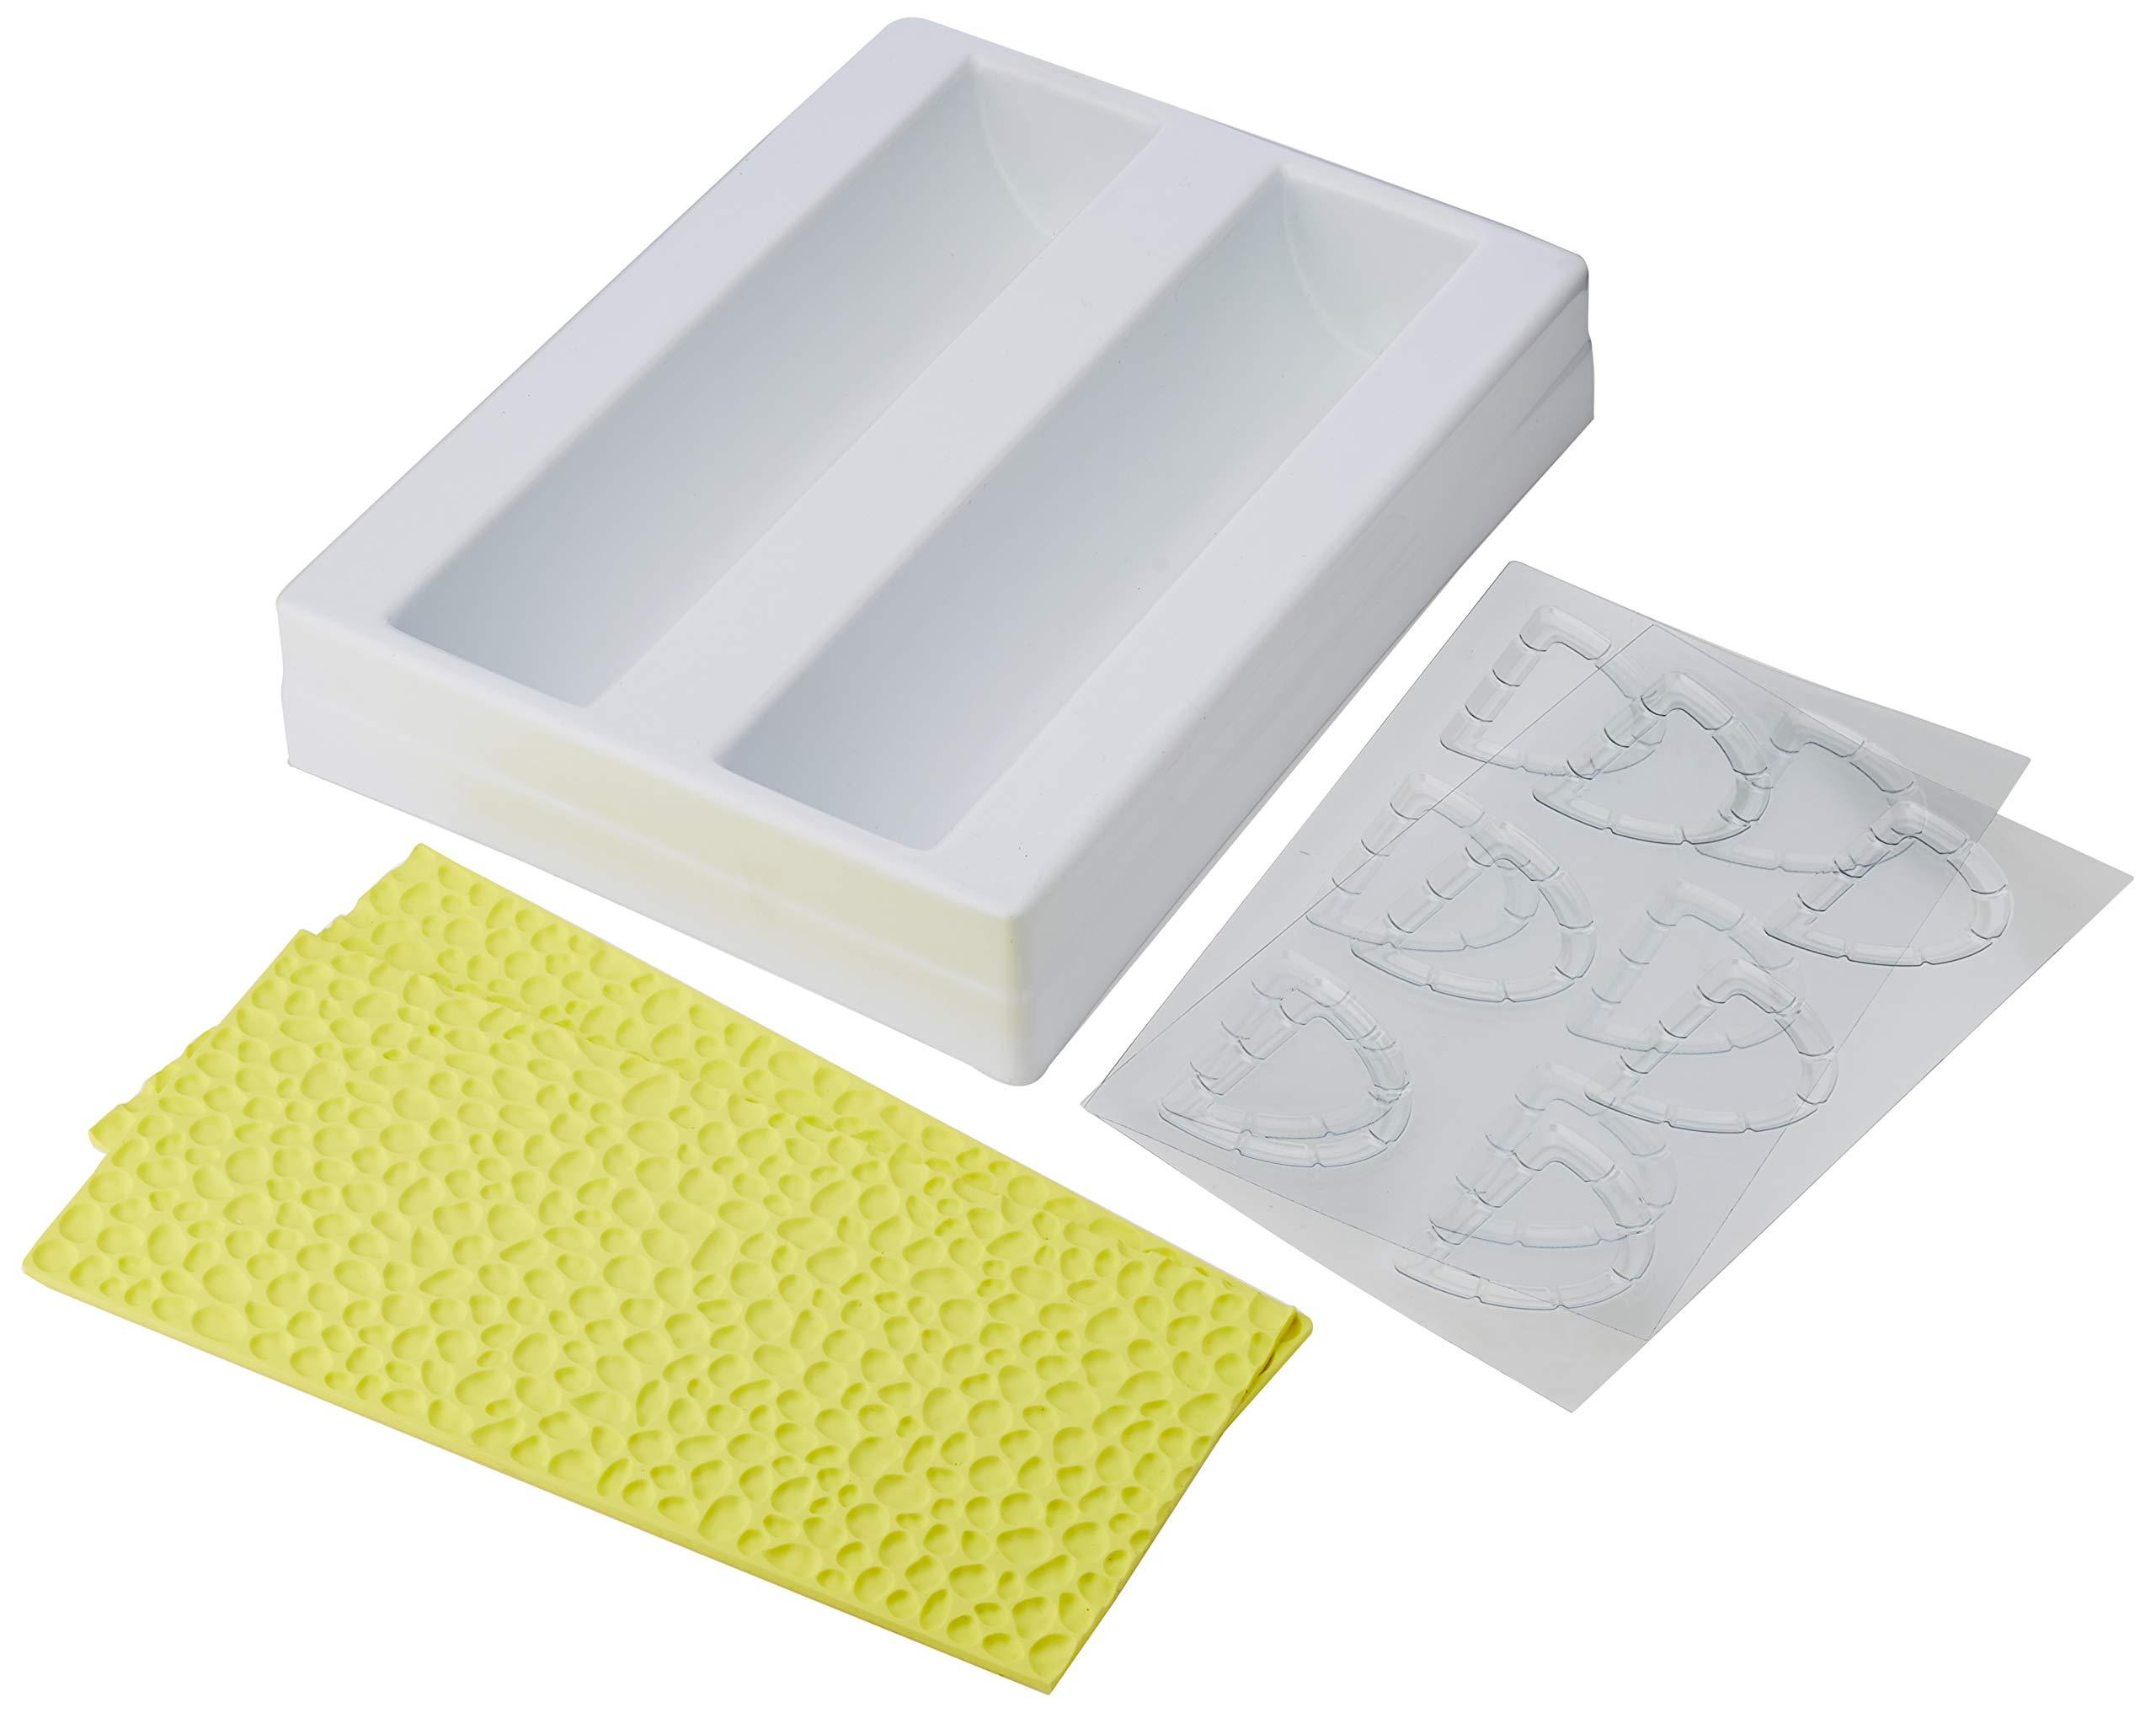 Martellato 30T06K Starter Stone Mould Kit, Plastic, Multicoloured by Martellato (Image #2)